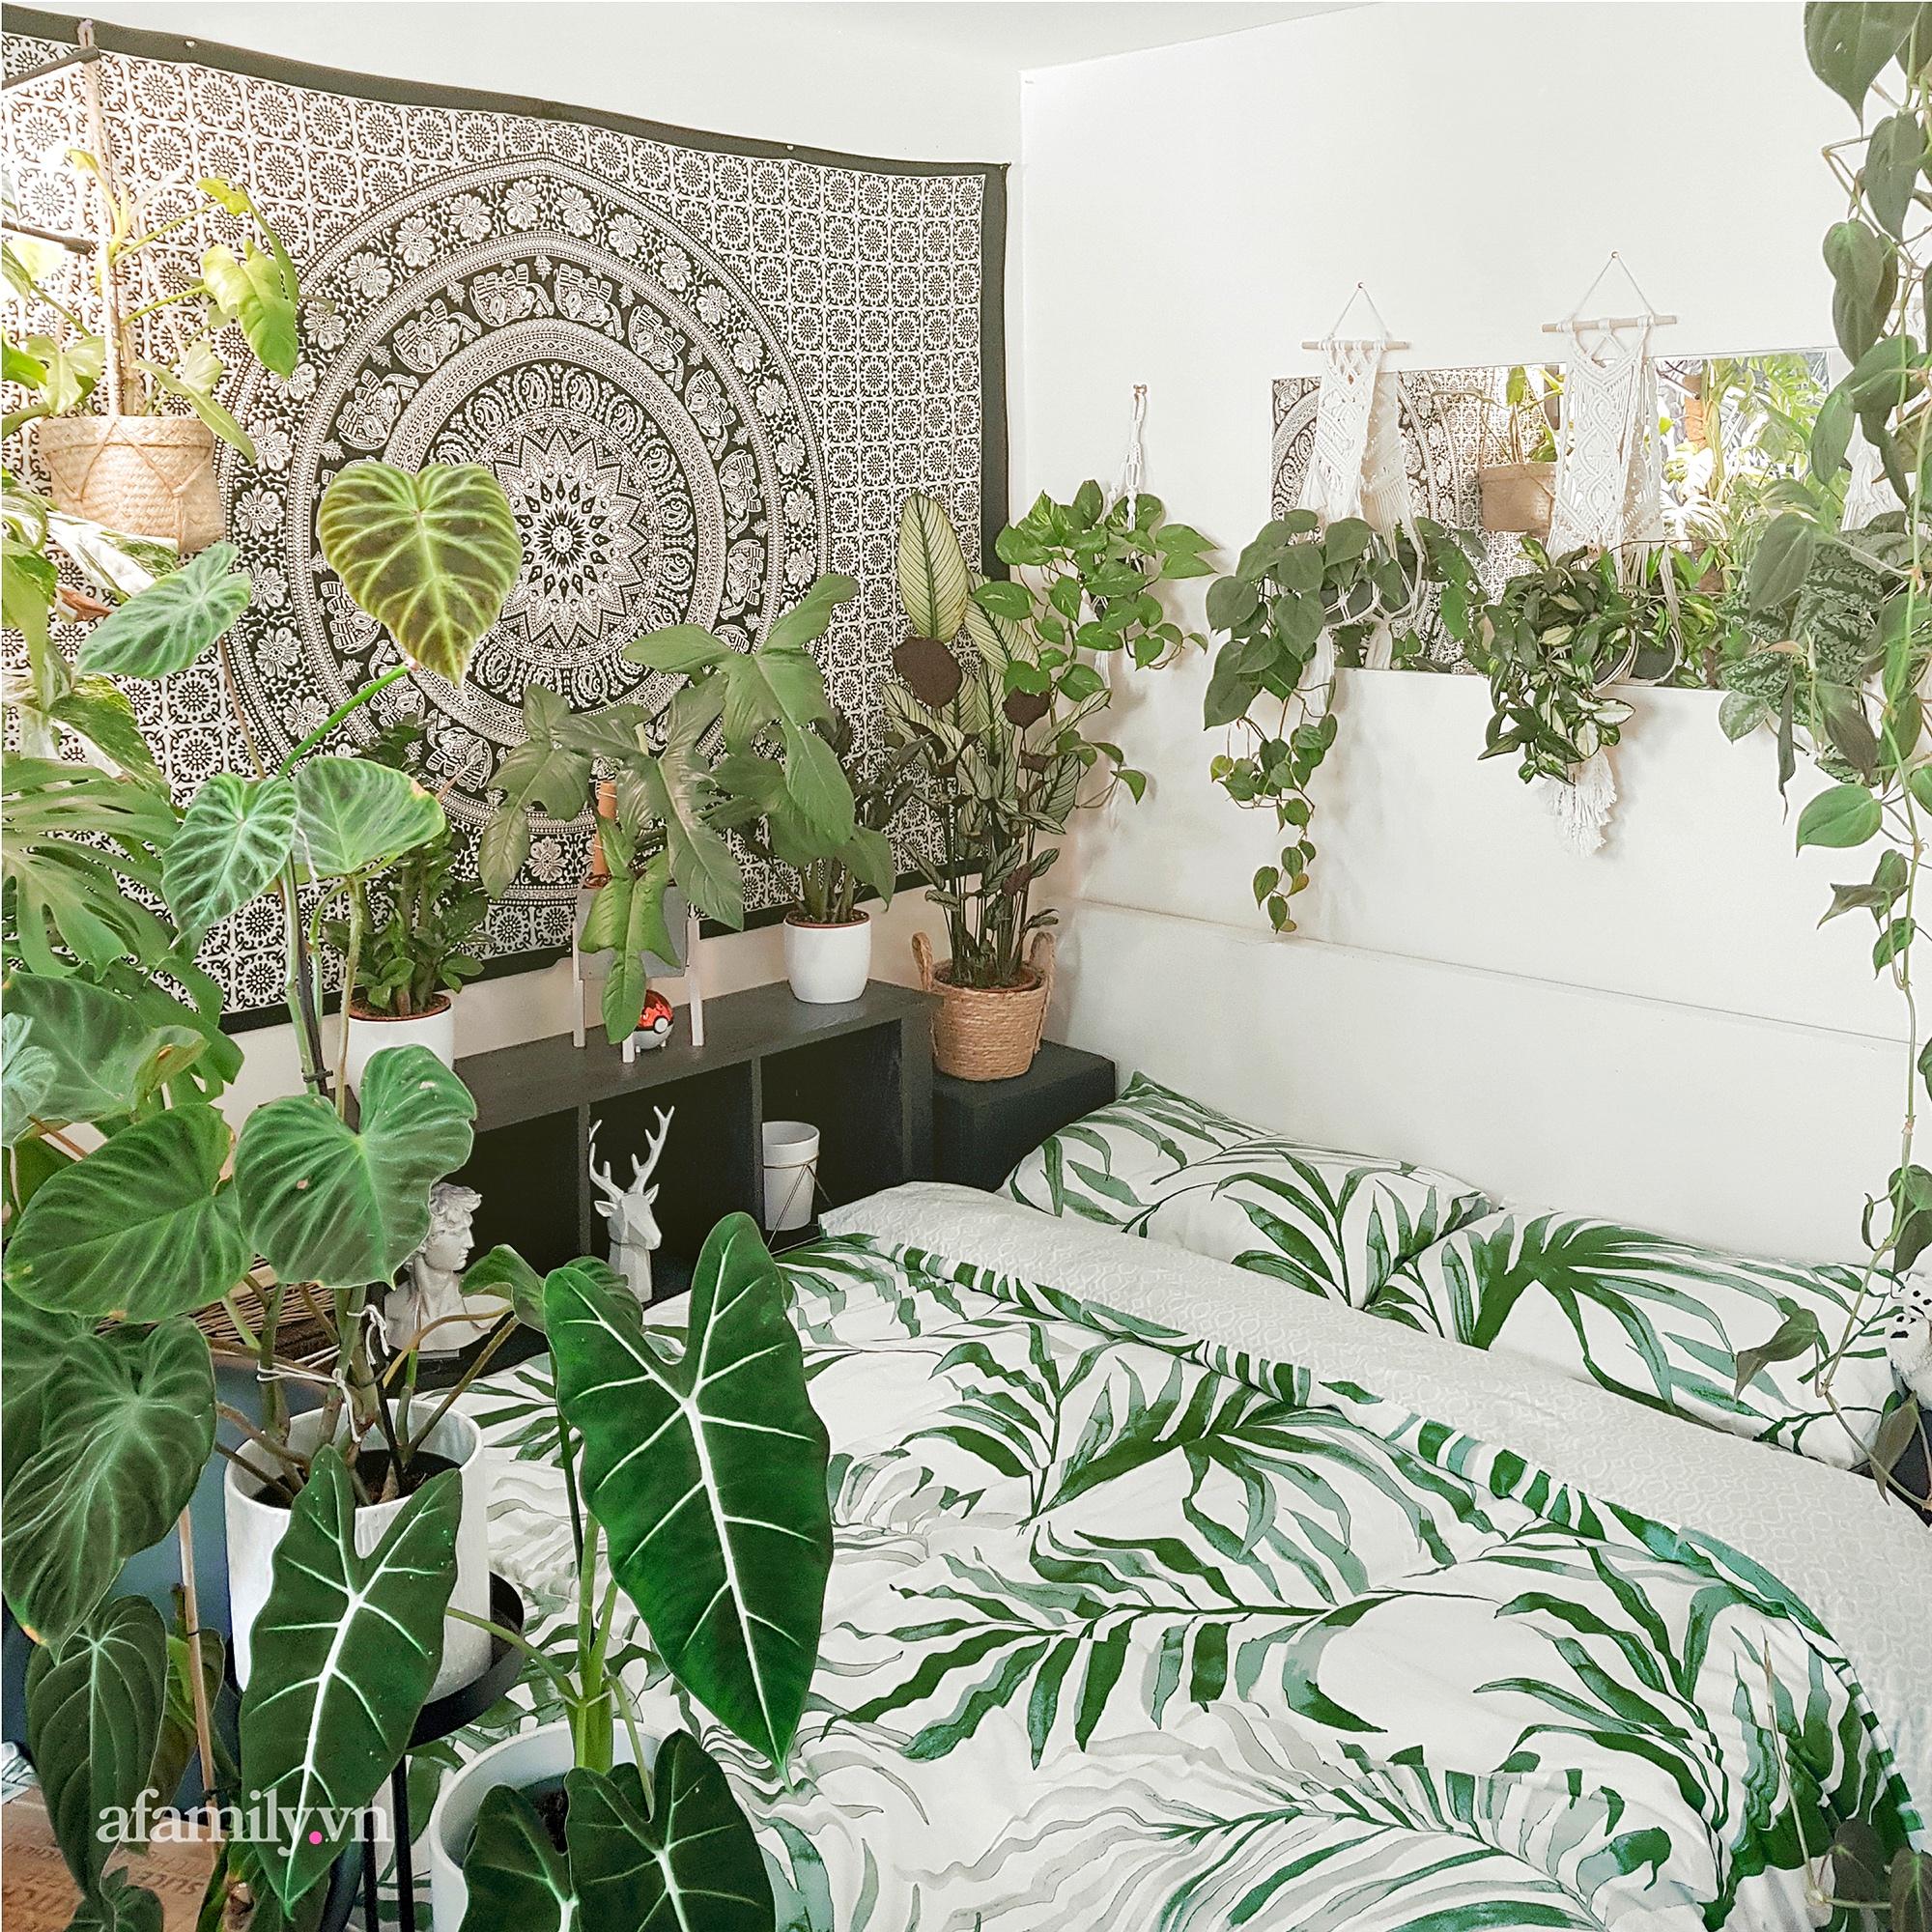 """BST hơn 200 cây kiểng lá của chàng kiến trúc sư người Việt tại Anh, gần như sống và nằm ngủ cùng cây mỗi ngày """"hoang mang về mức giá bạc tỷ được bán tại Việt Nam""""  - Ảnh 6."""